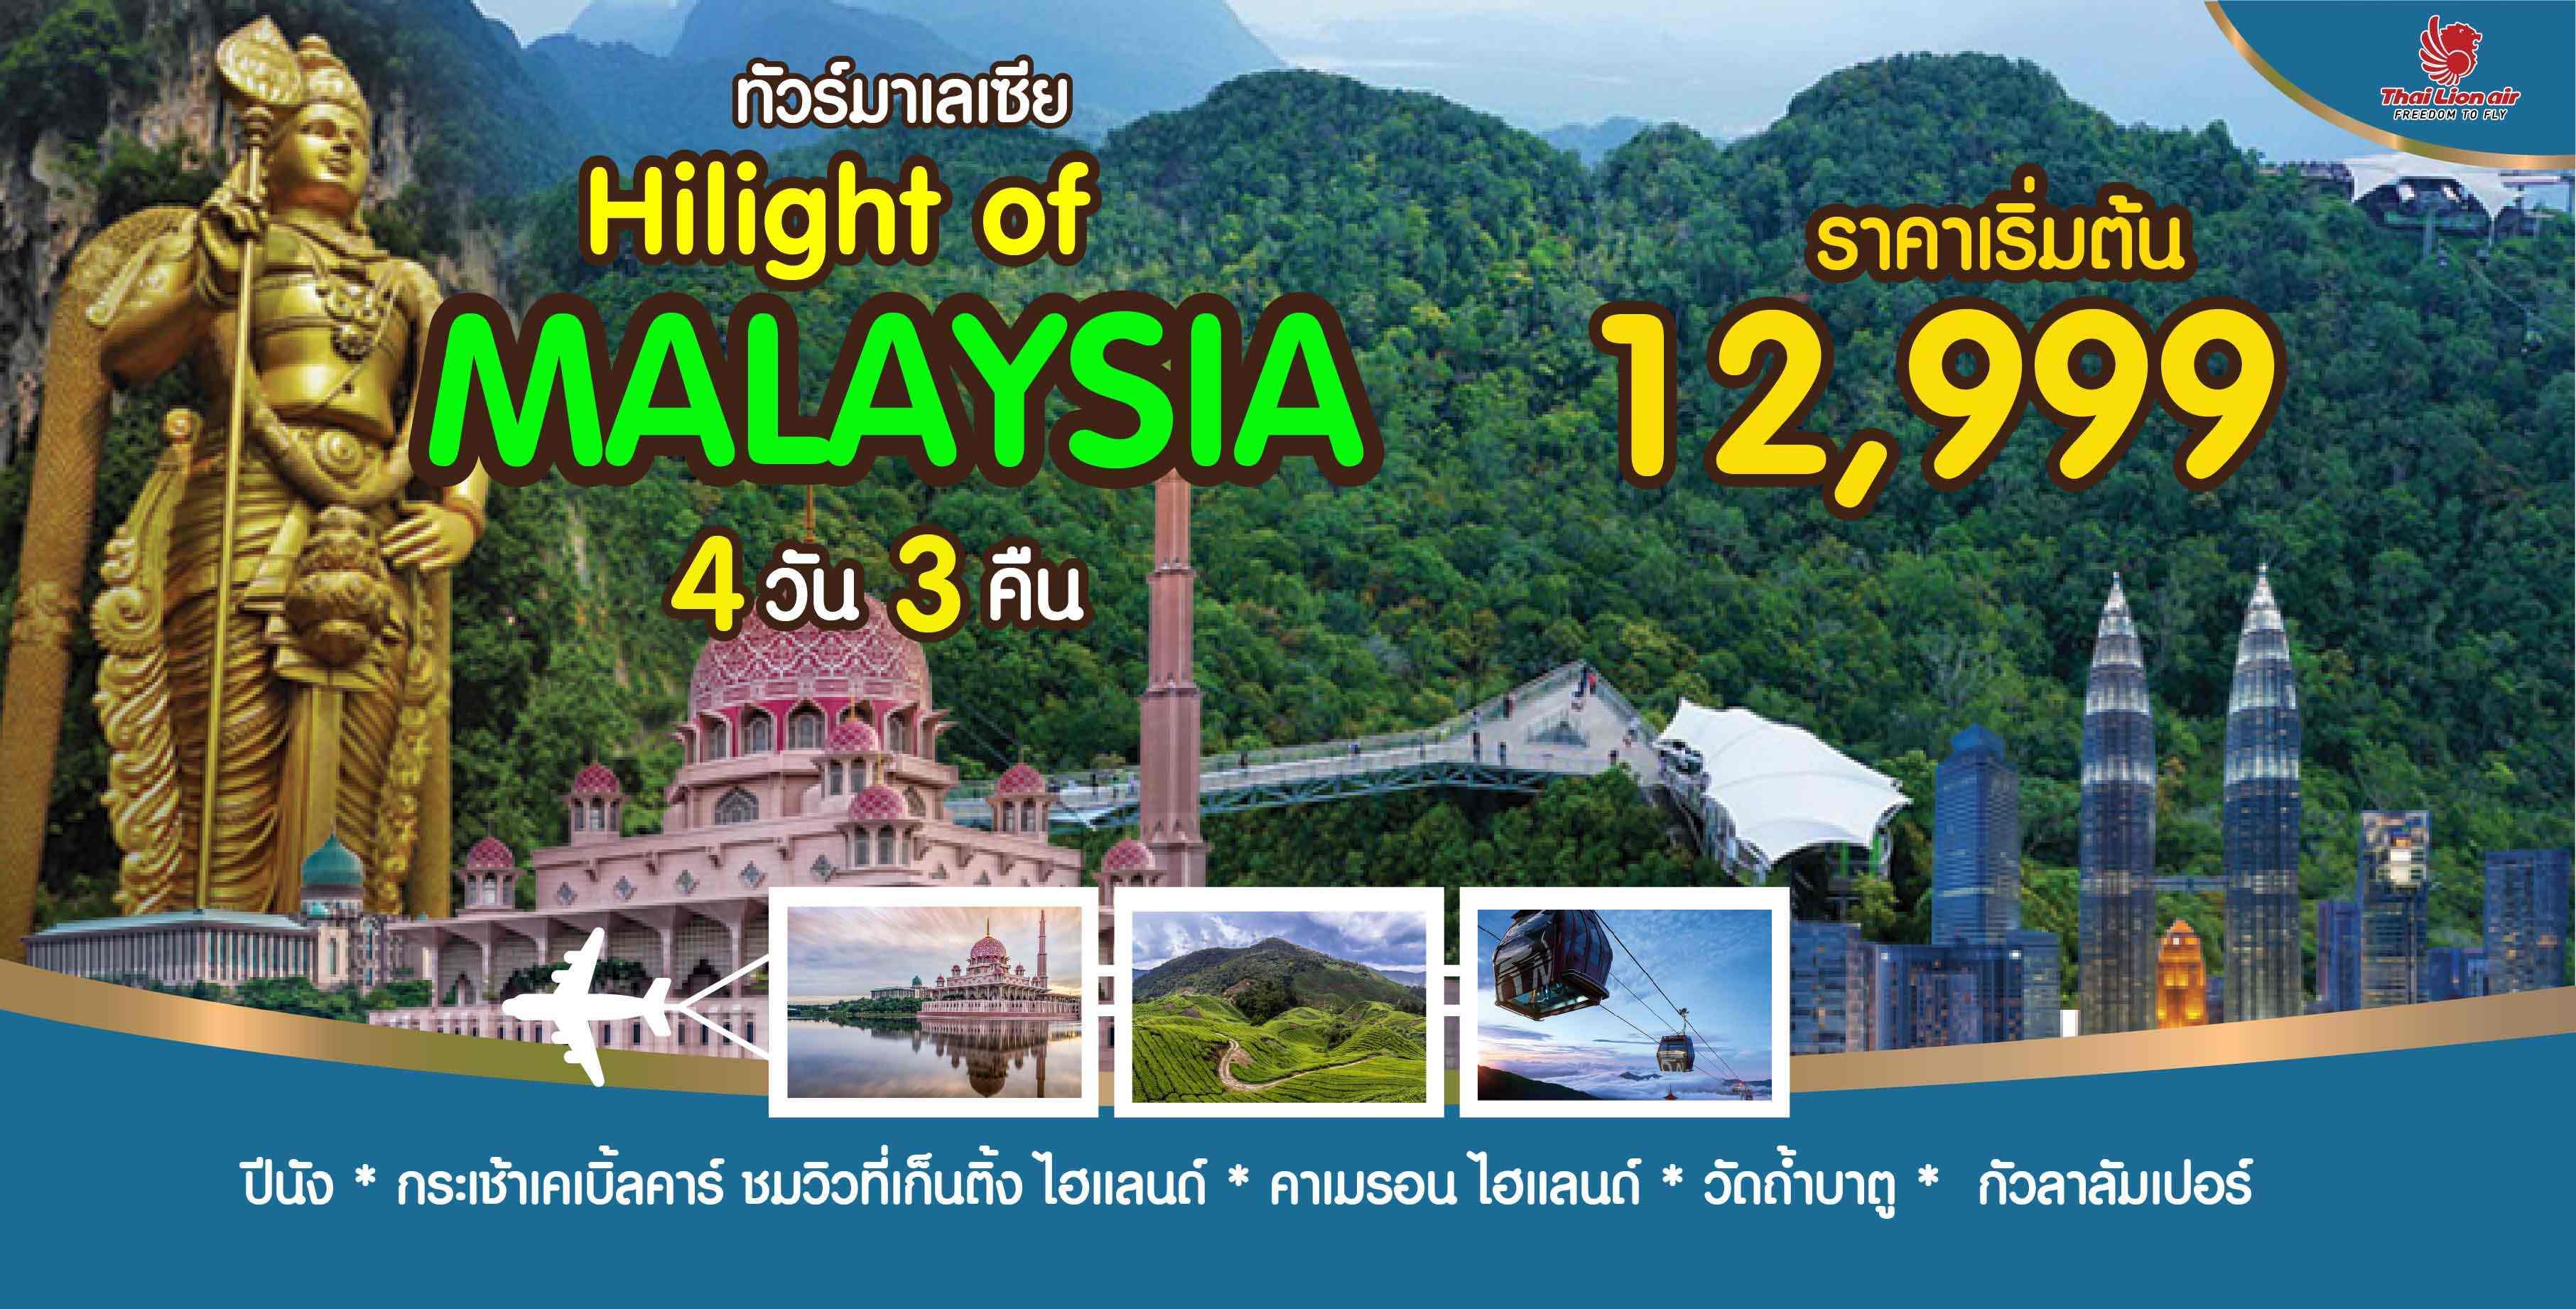 ทัวร์มาเลเซีย Hilightof of Malaysia 4วัน 3คืน